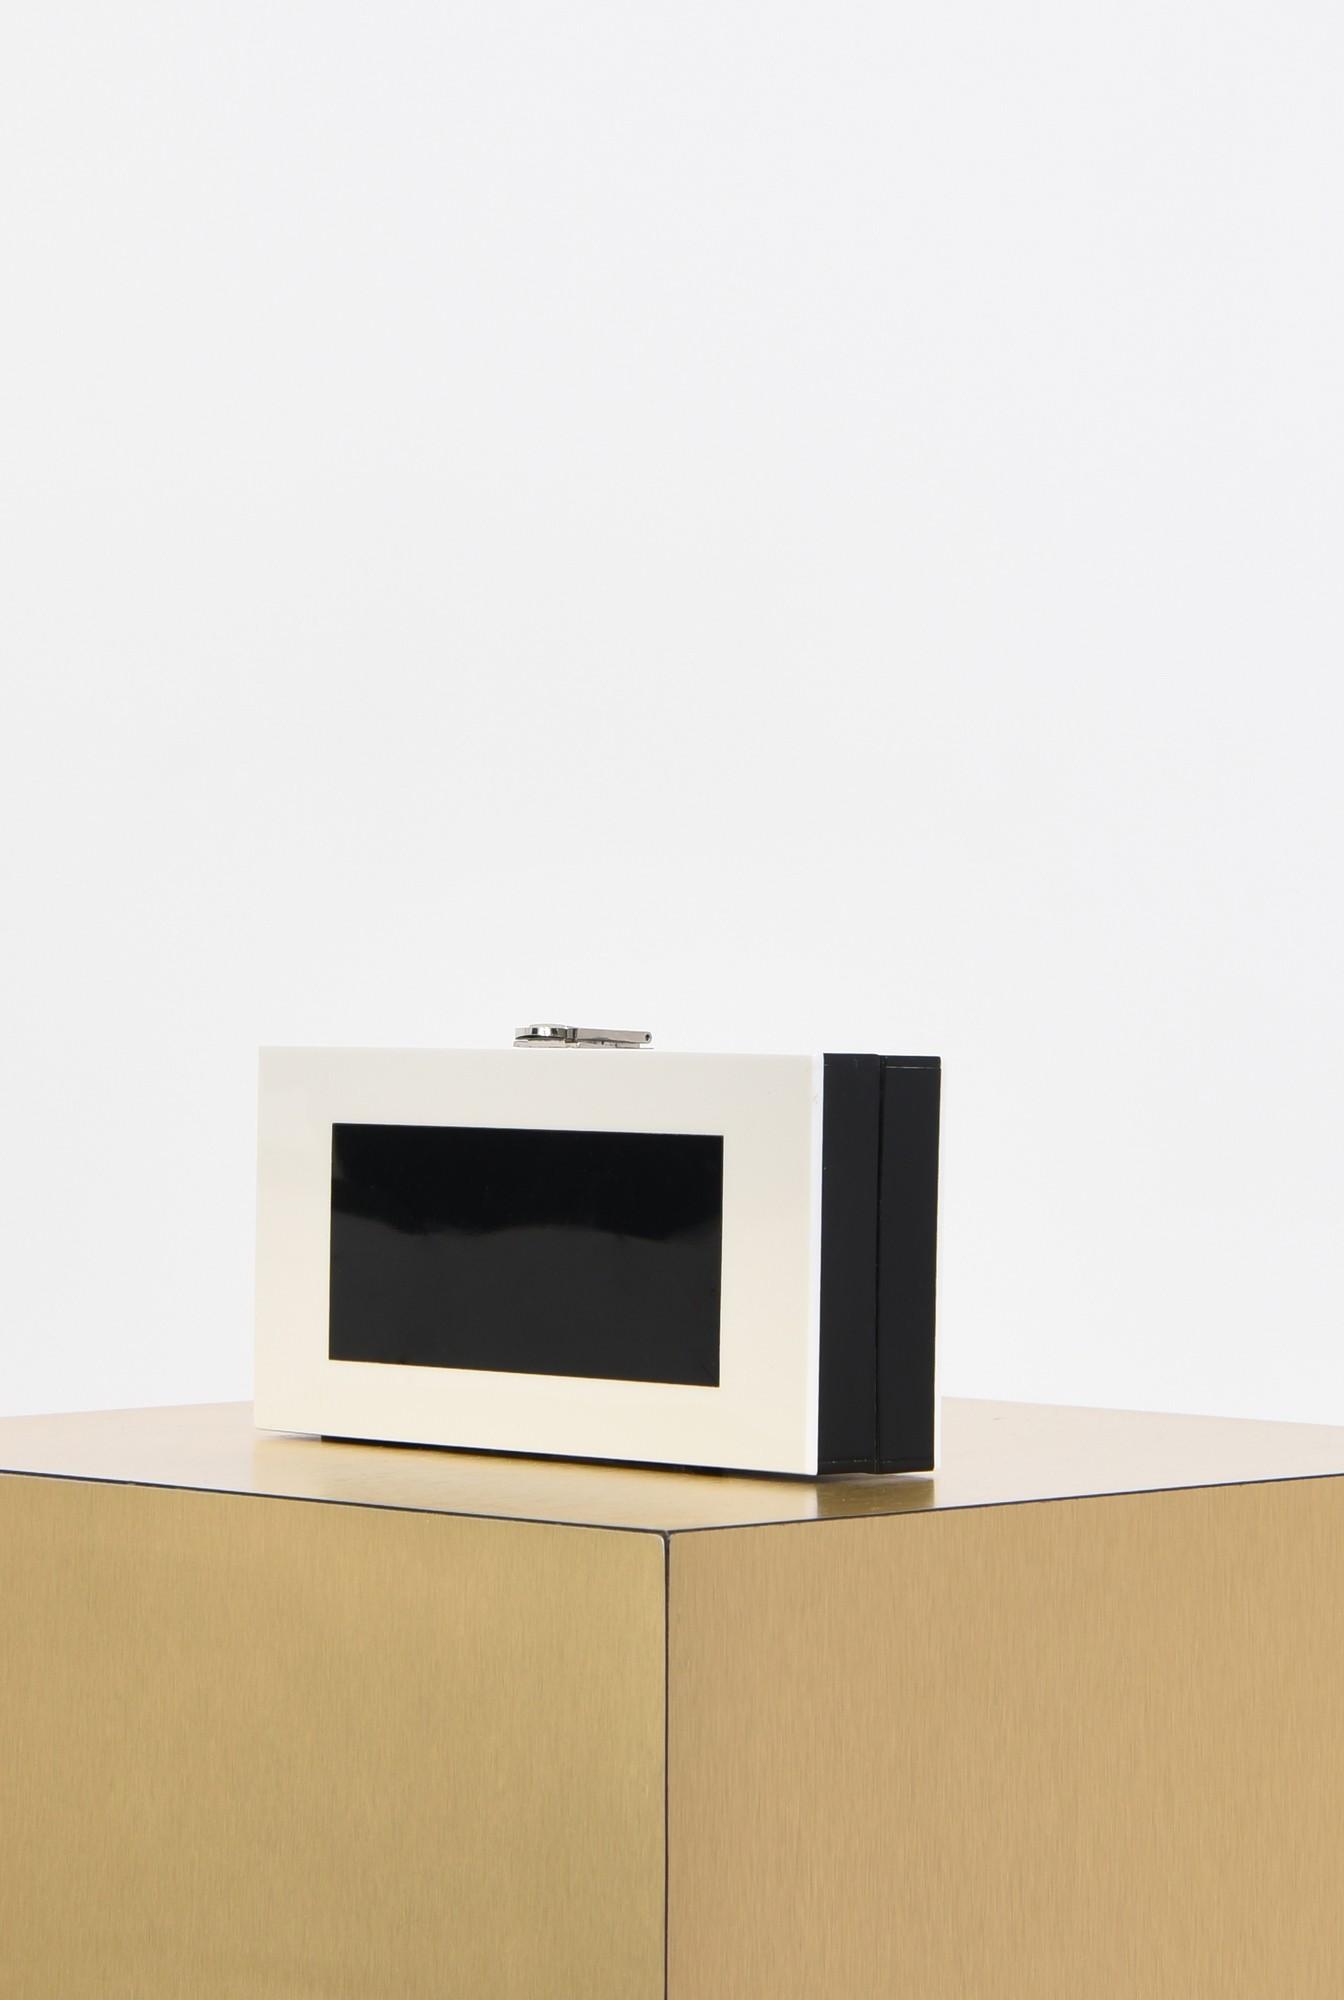 1 - plic bicolor, alb-negru, contrast, plexiglas